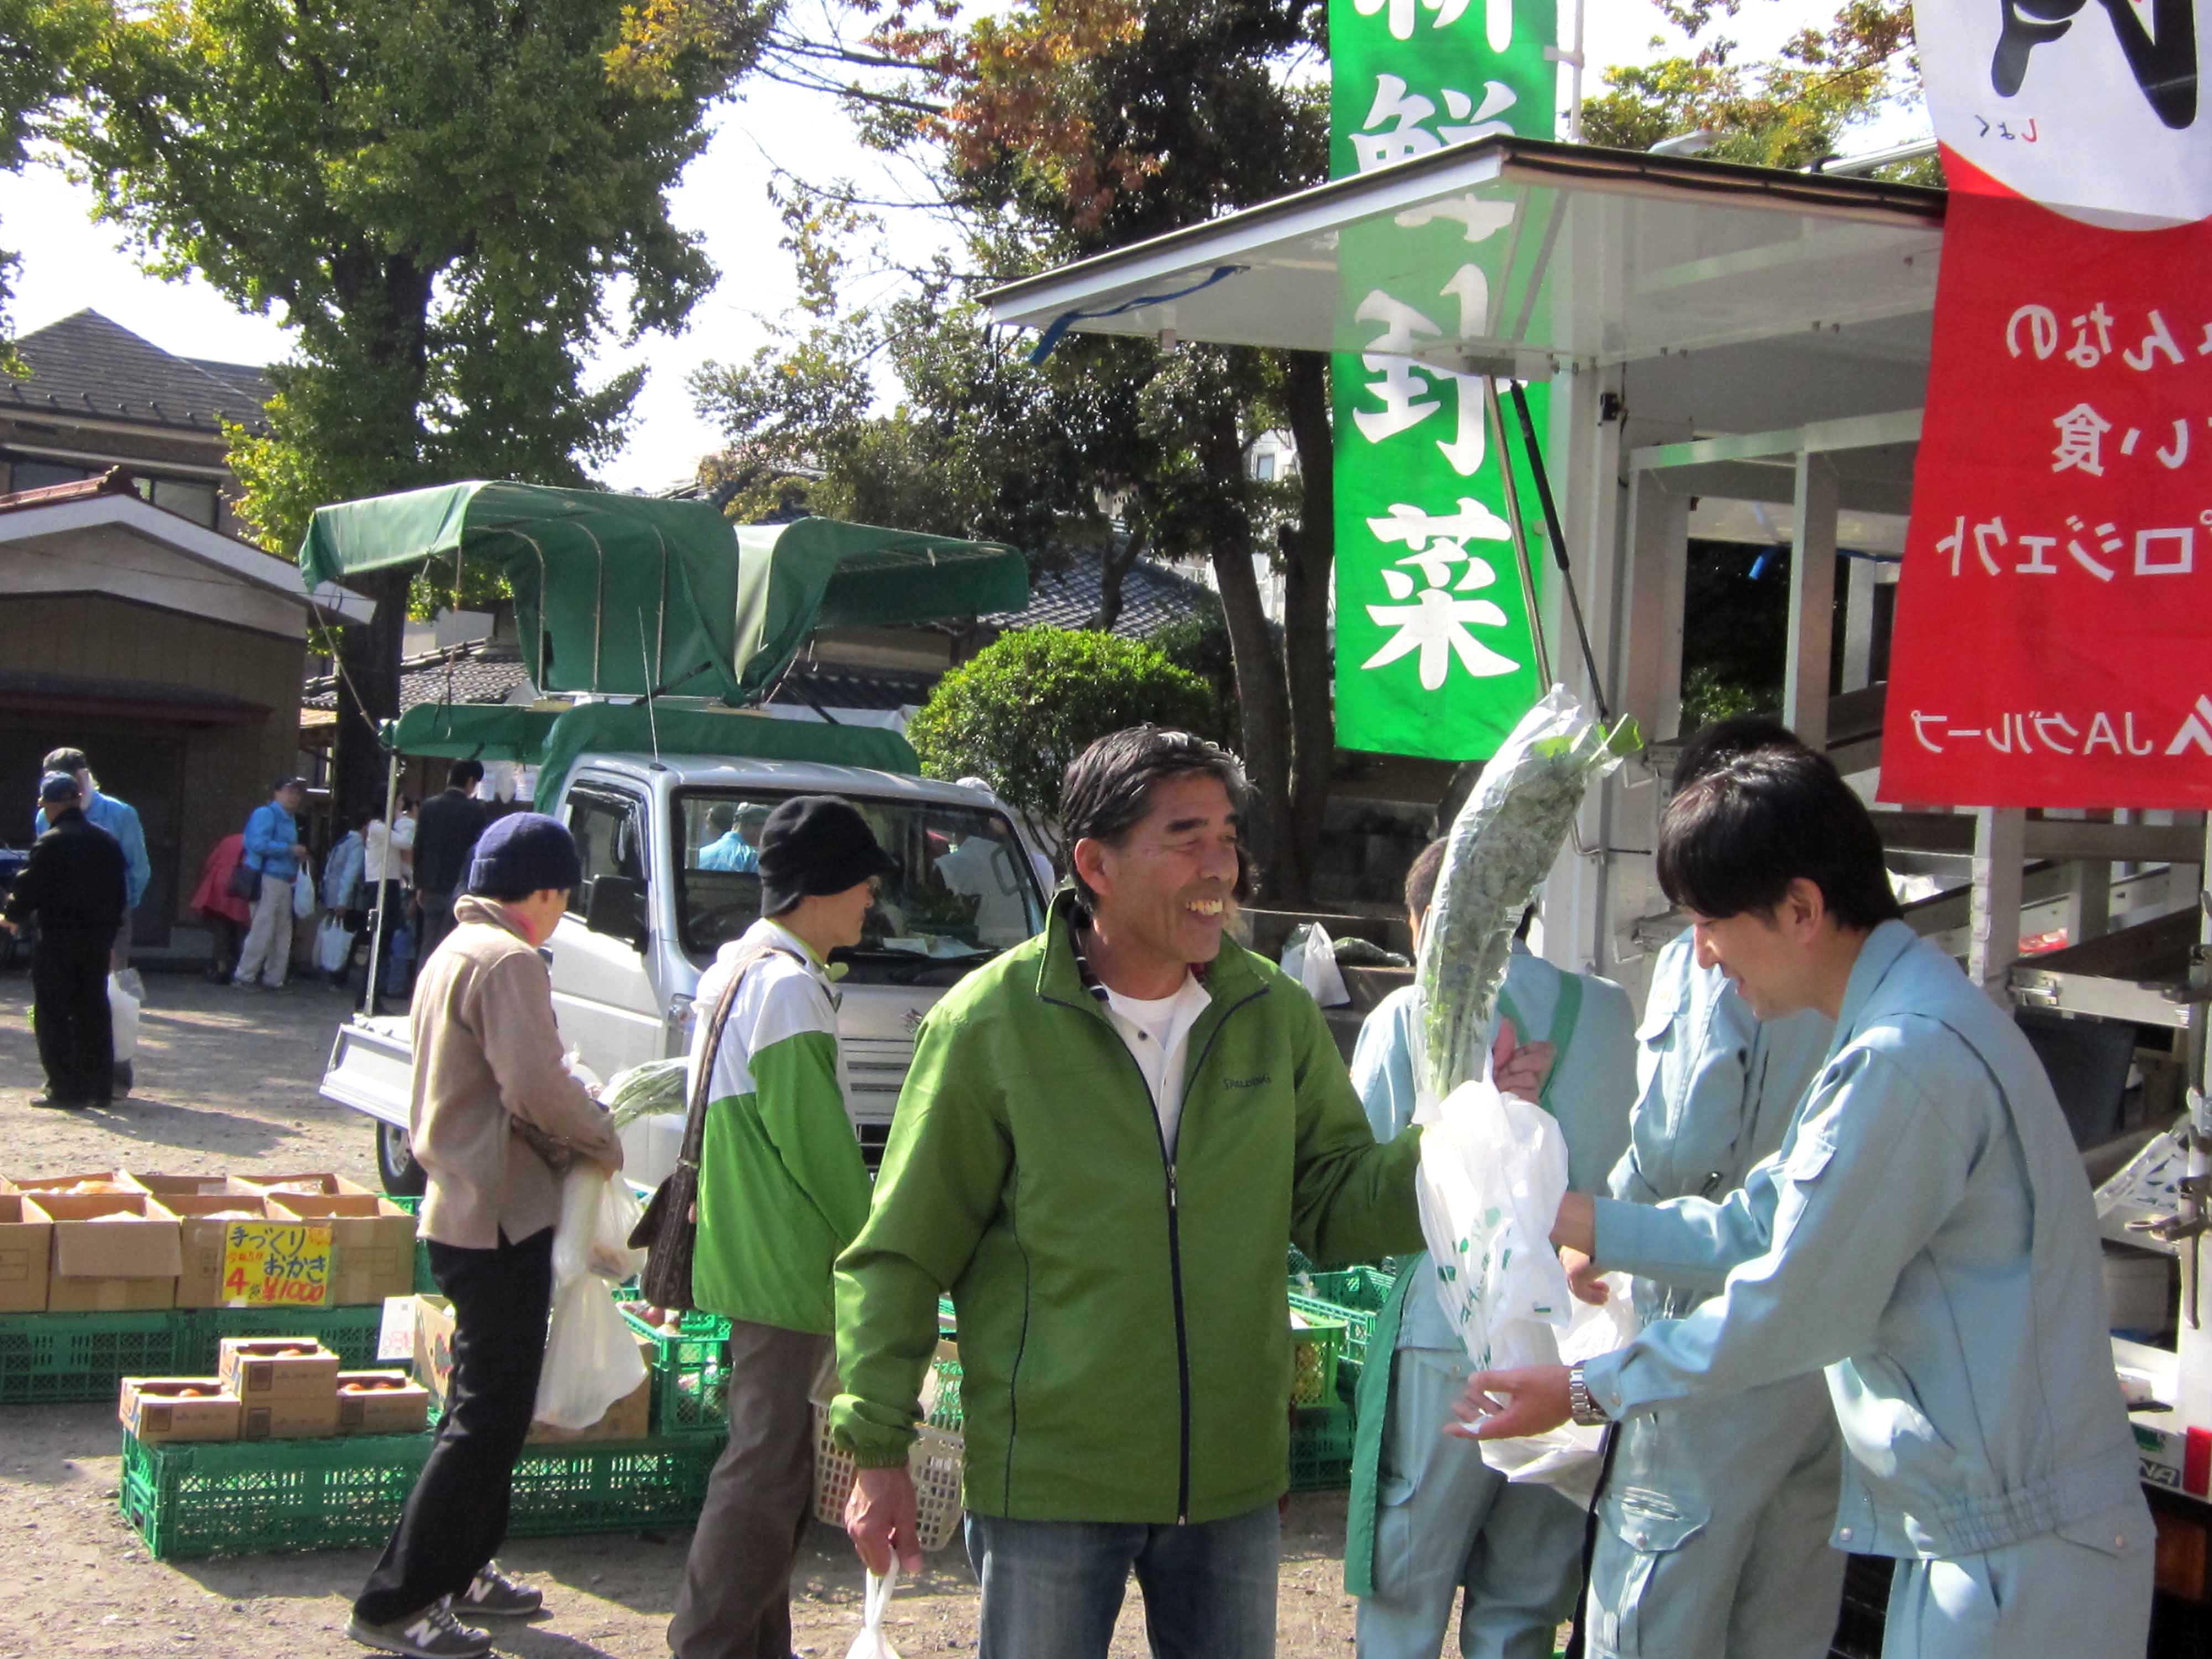 七五三祈願祭で地元産の野菜を販売(谷塚支店)